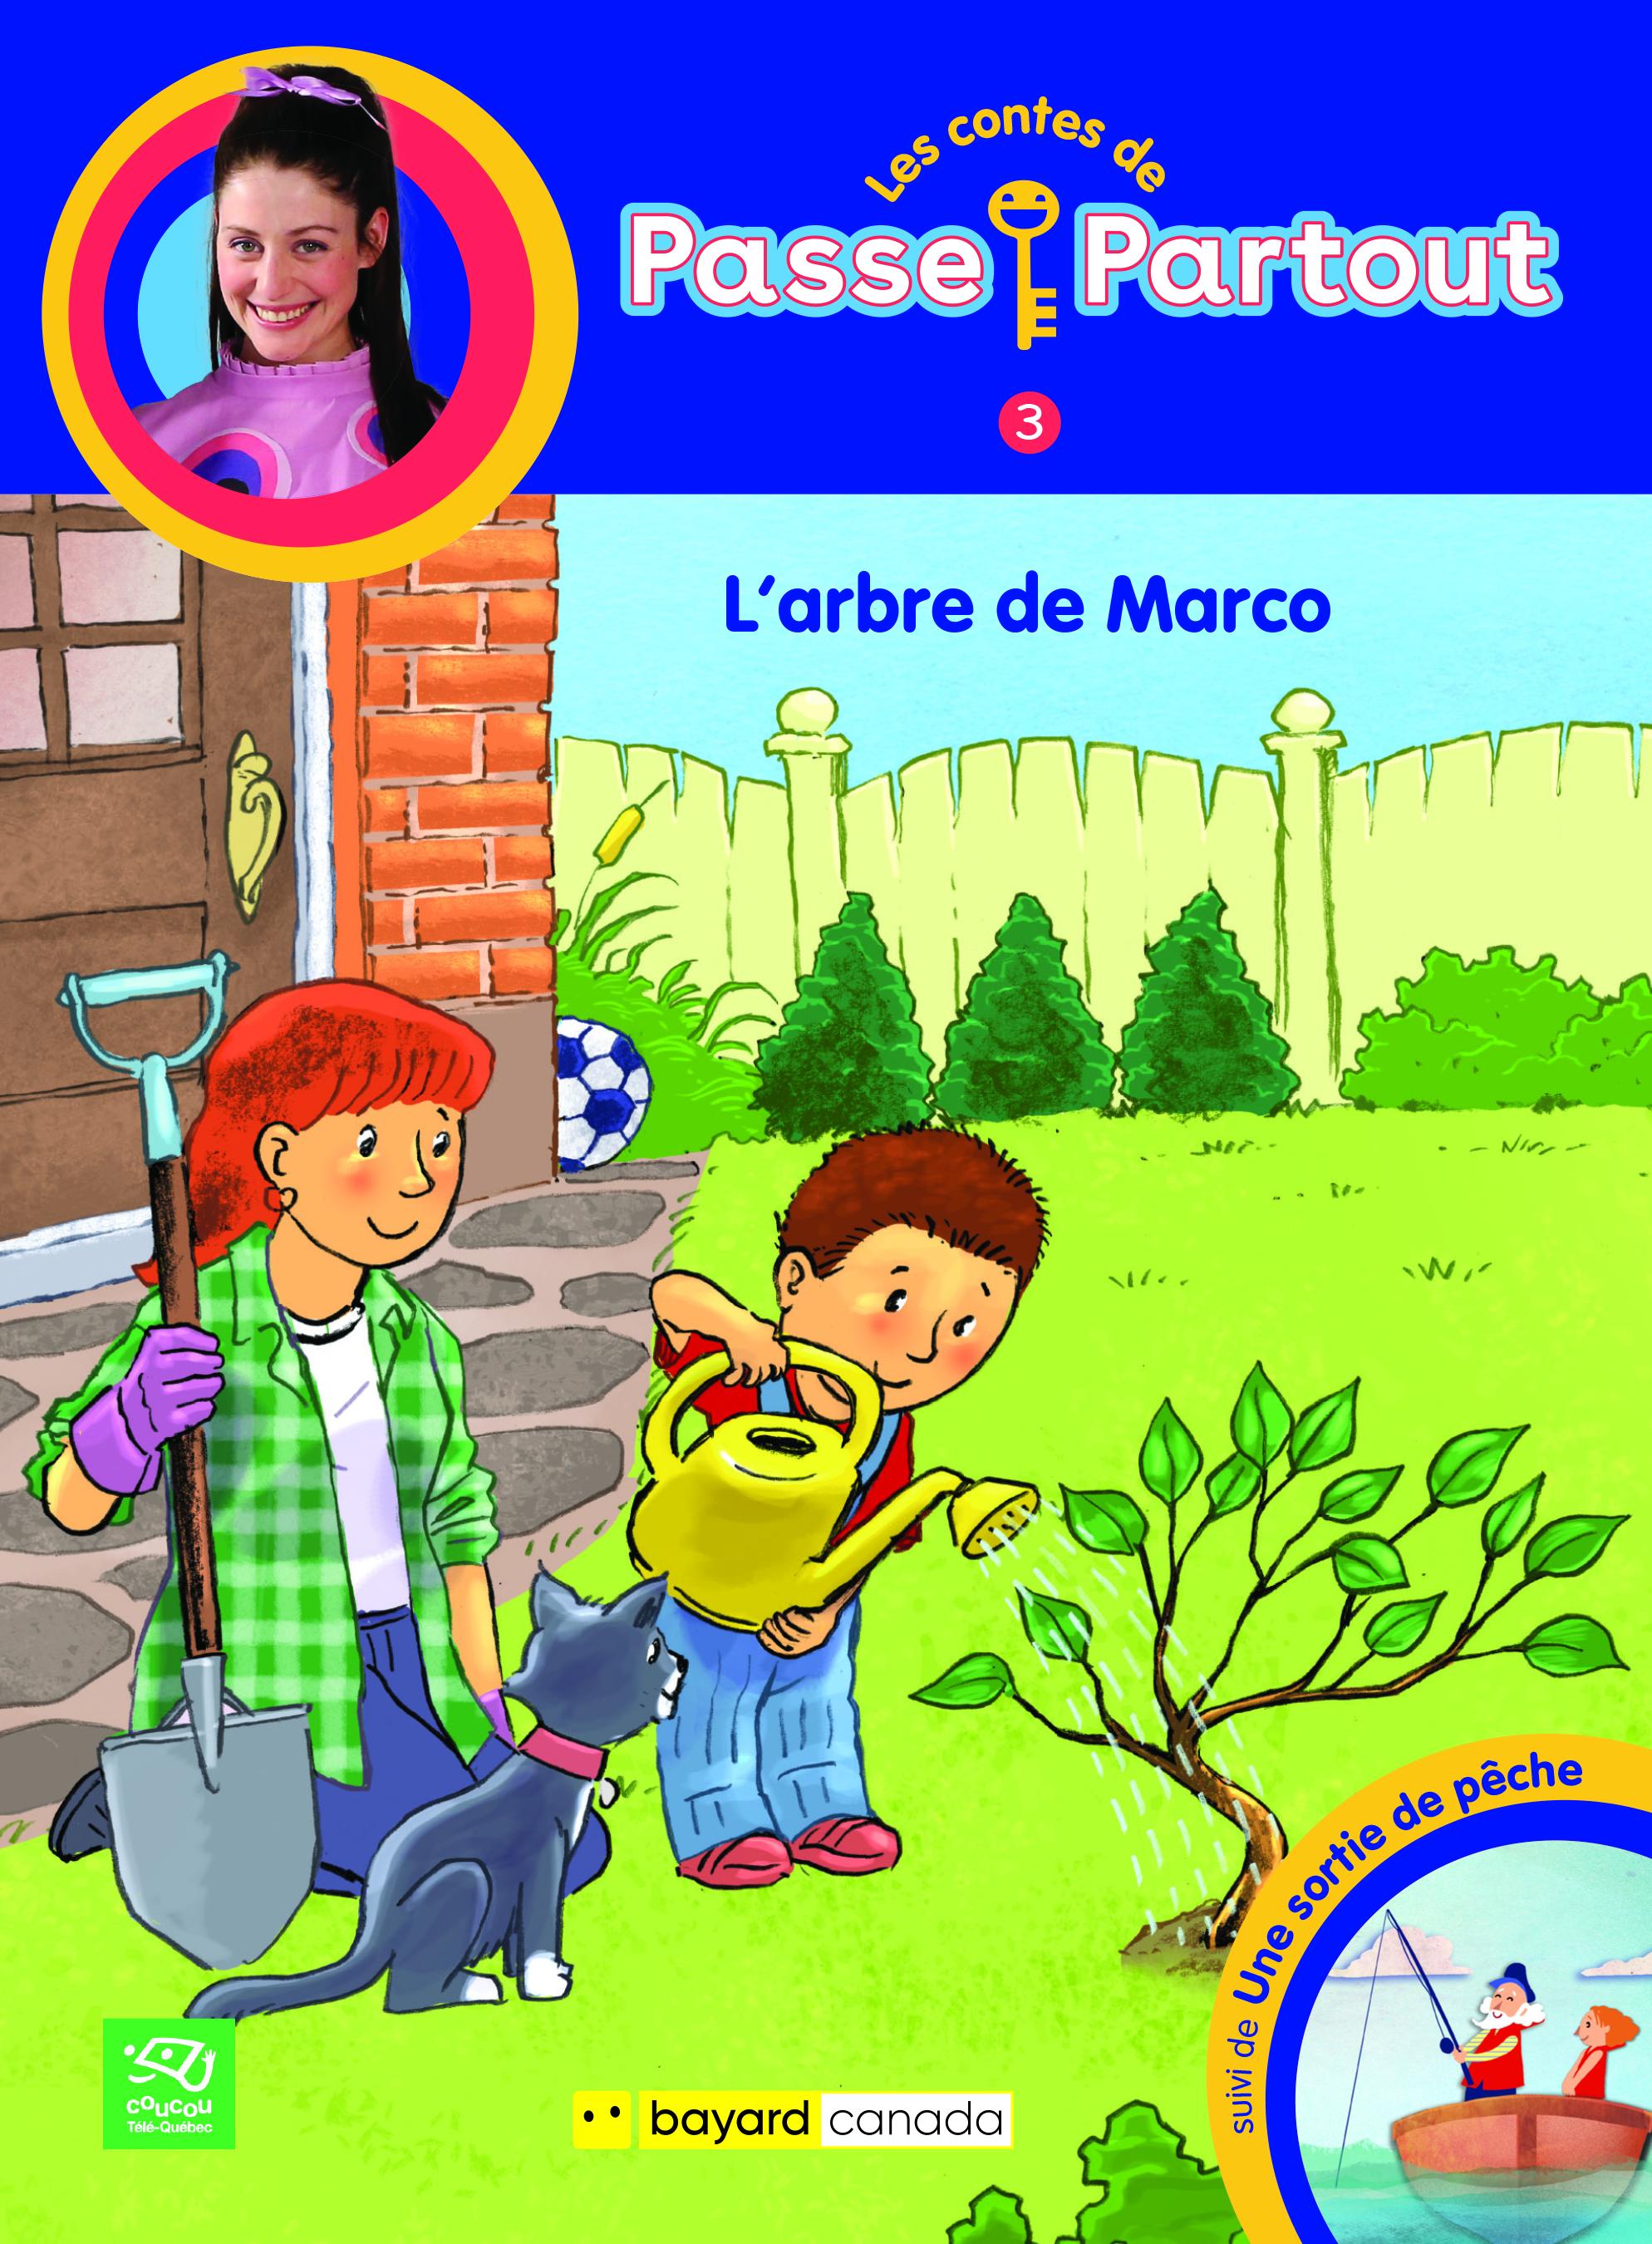 L'arbre de Marco : 2e conte: Une sortie de pêche